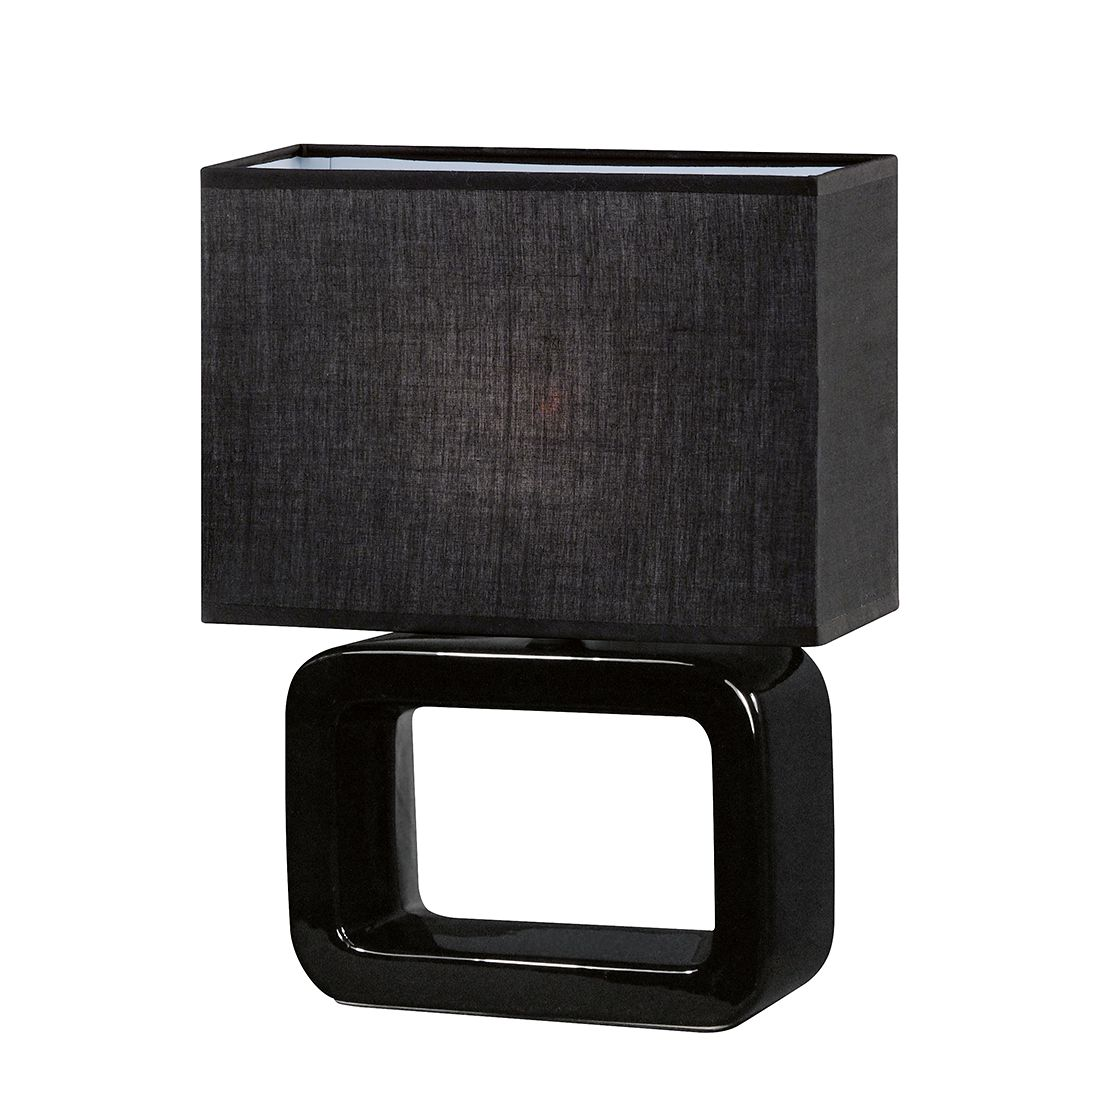 Tischleuchte Nea Keramik Schwarz ● 1-flammig- Honsel A++